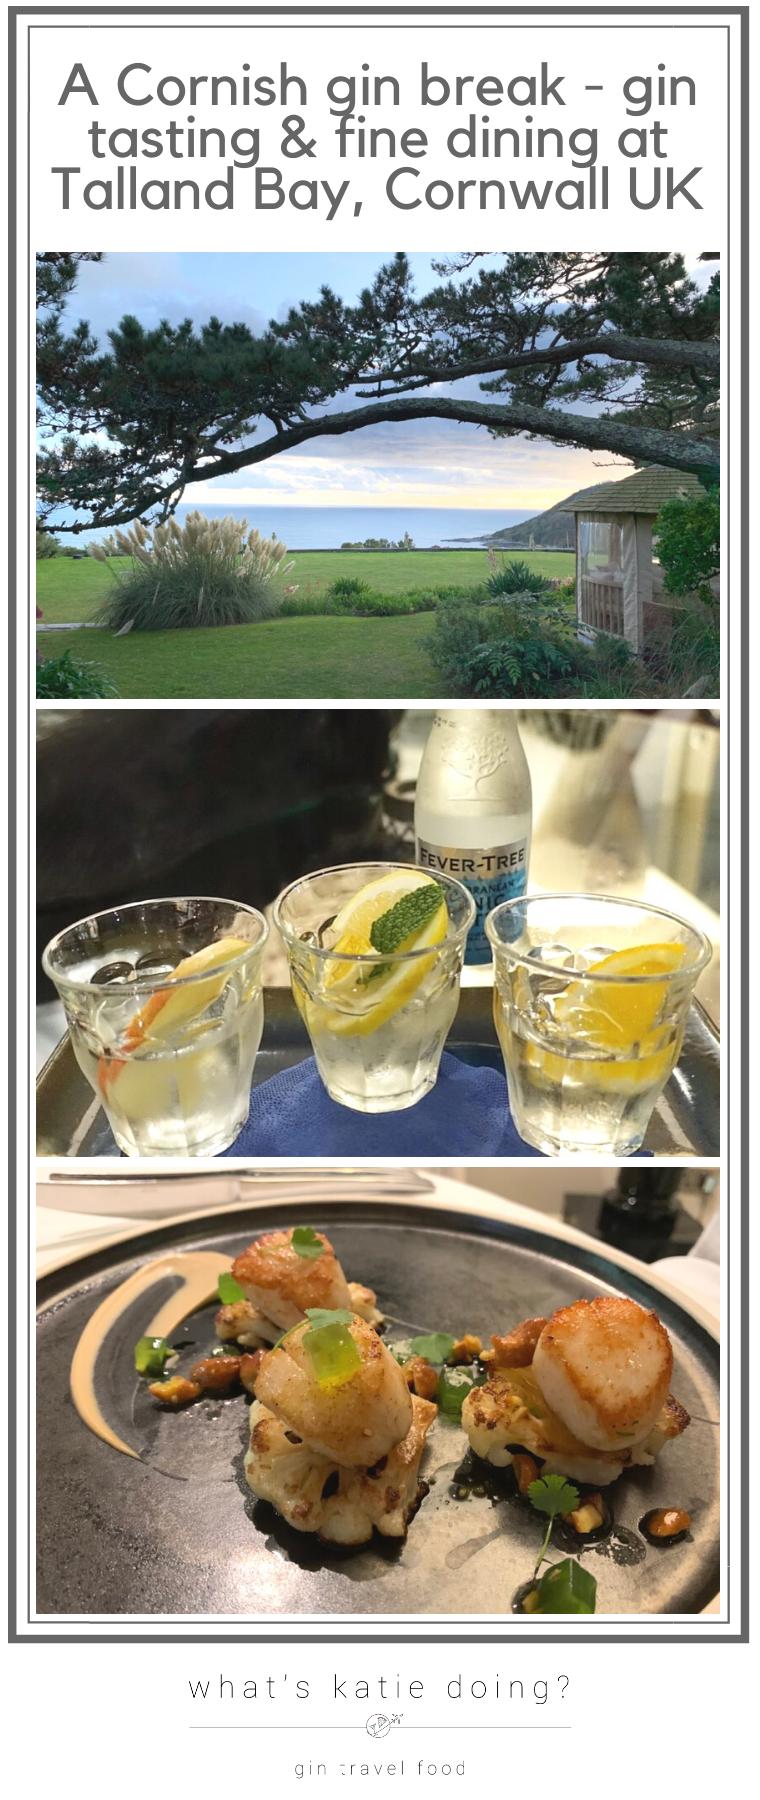 A Cornish gin break - gin tasting & fine dining at Talland Bay Hotel, Cornwall UK